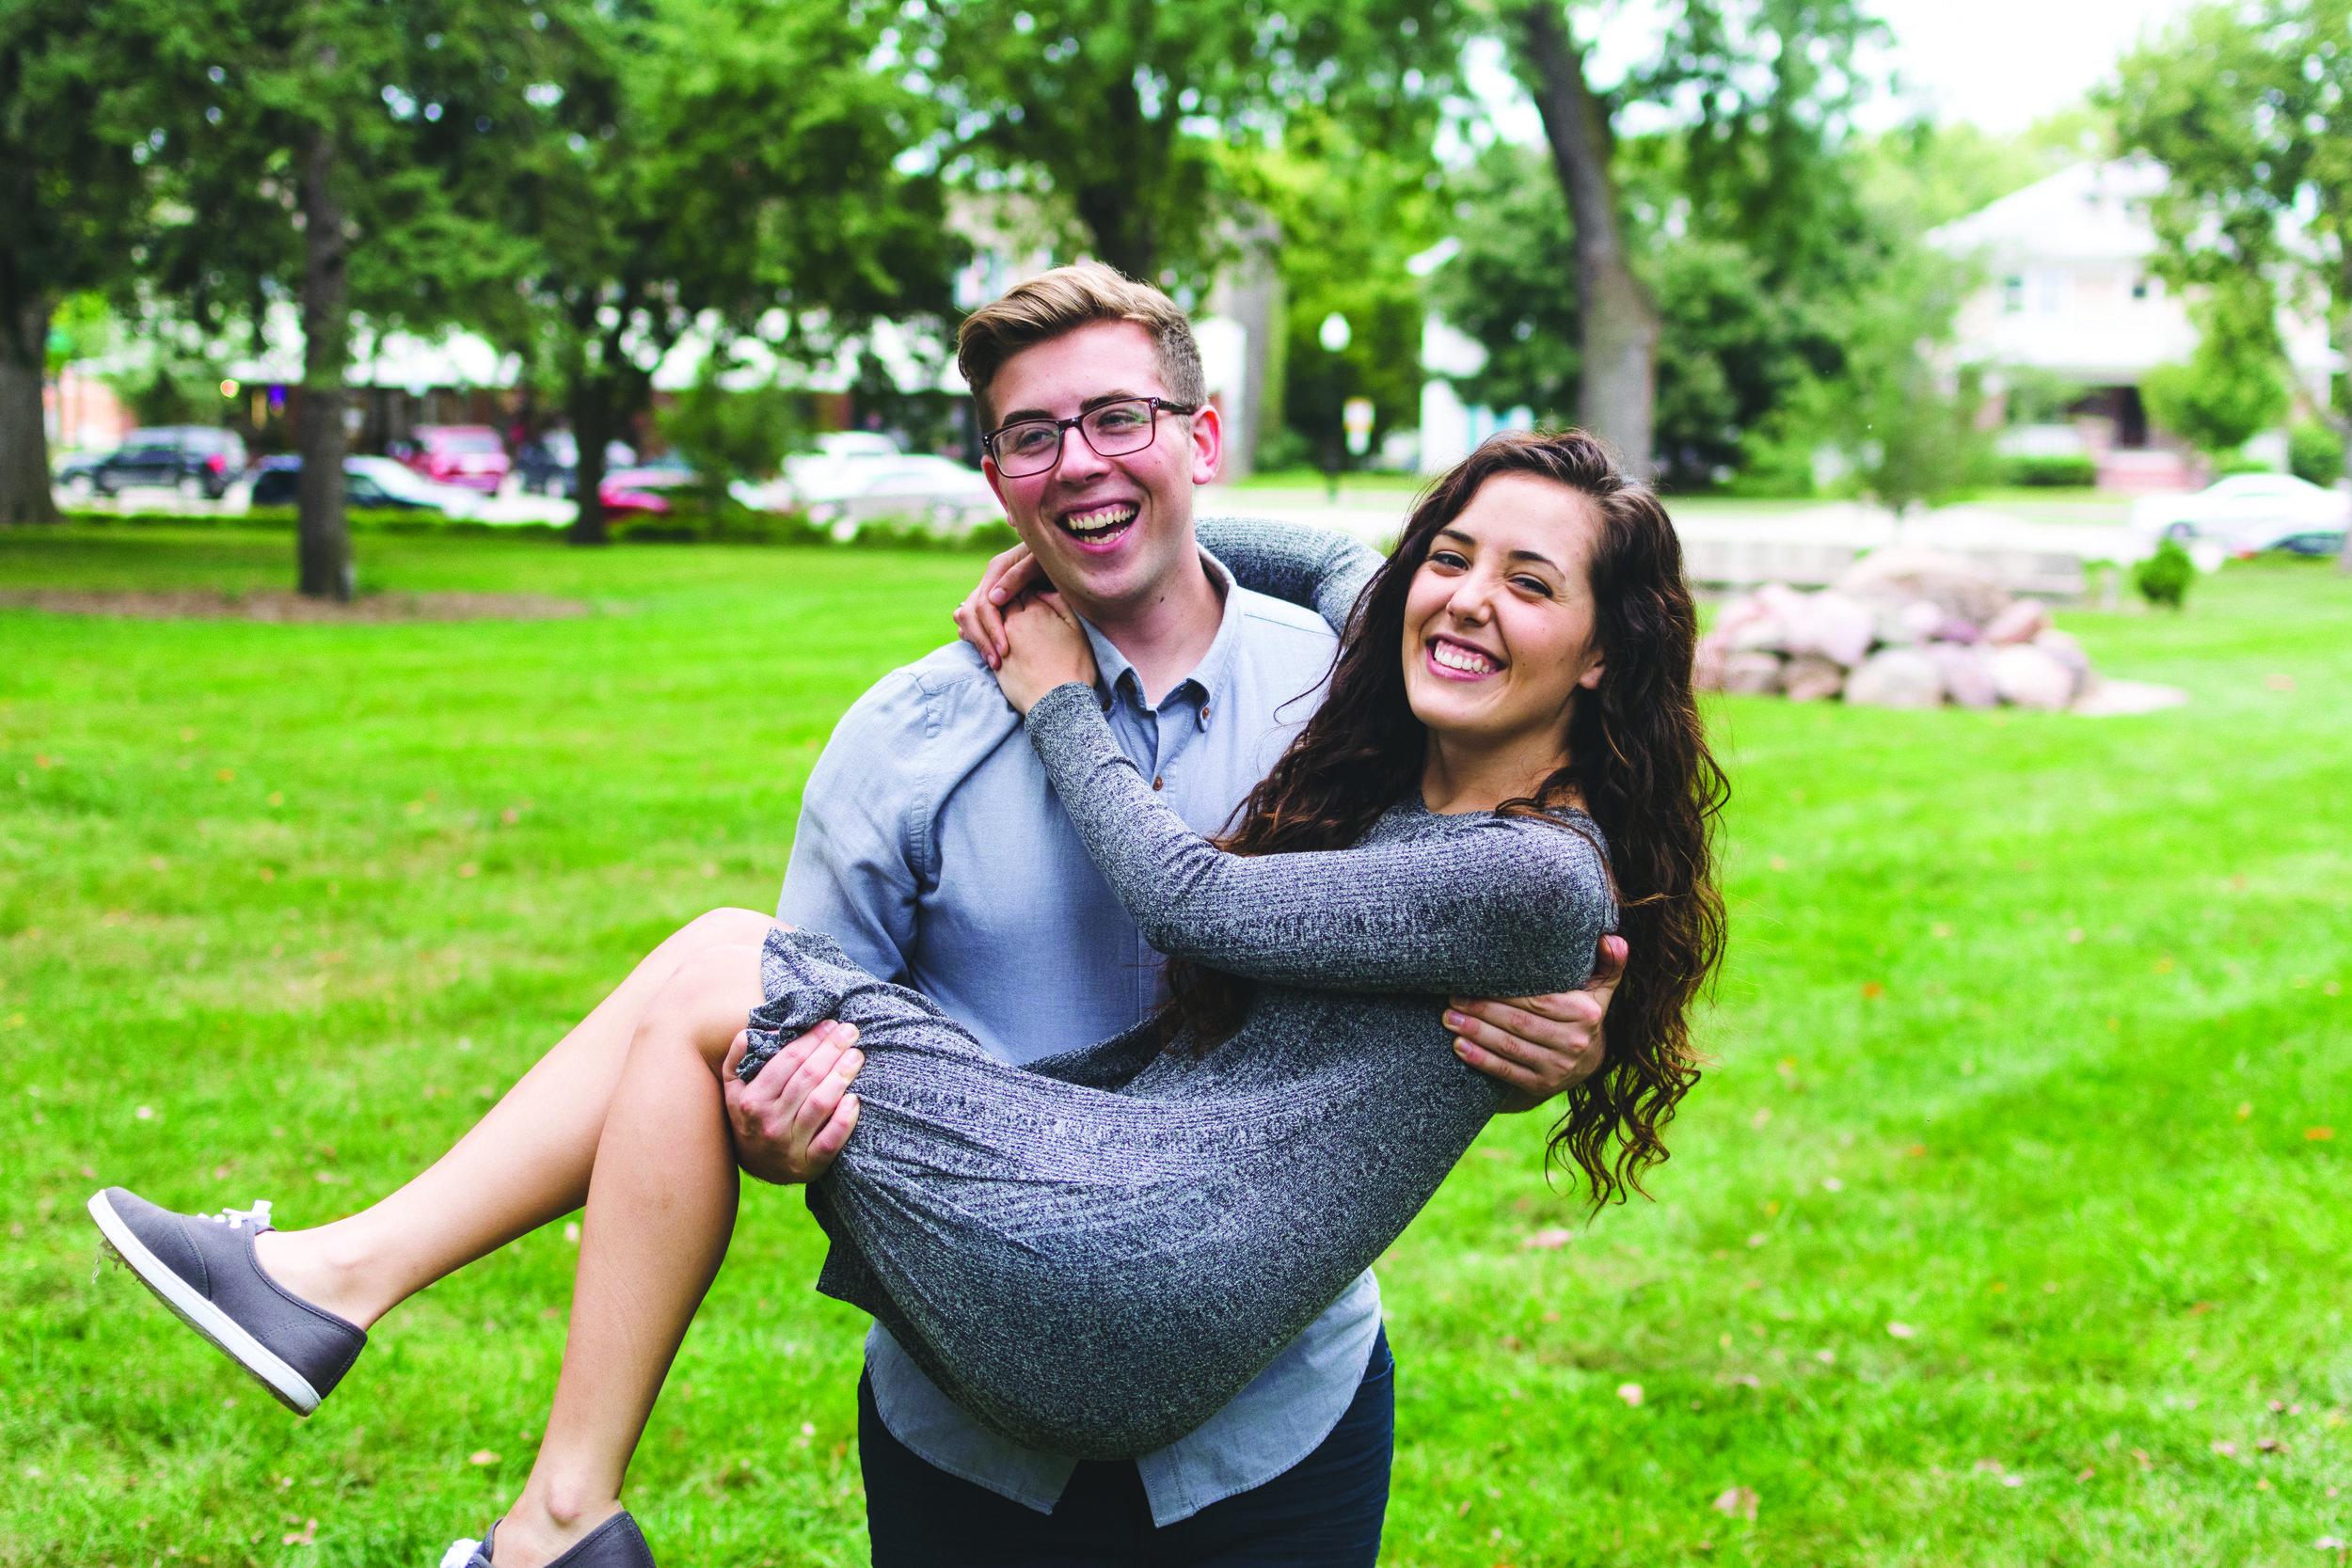 Senior business major Ryan Grentz sweeps his new fiance, Rachel Peppel, senior nursing major, quite literally off her feet. | PC: Zach Morrison